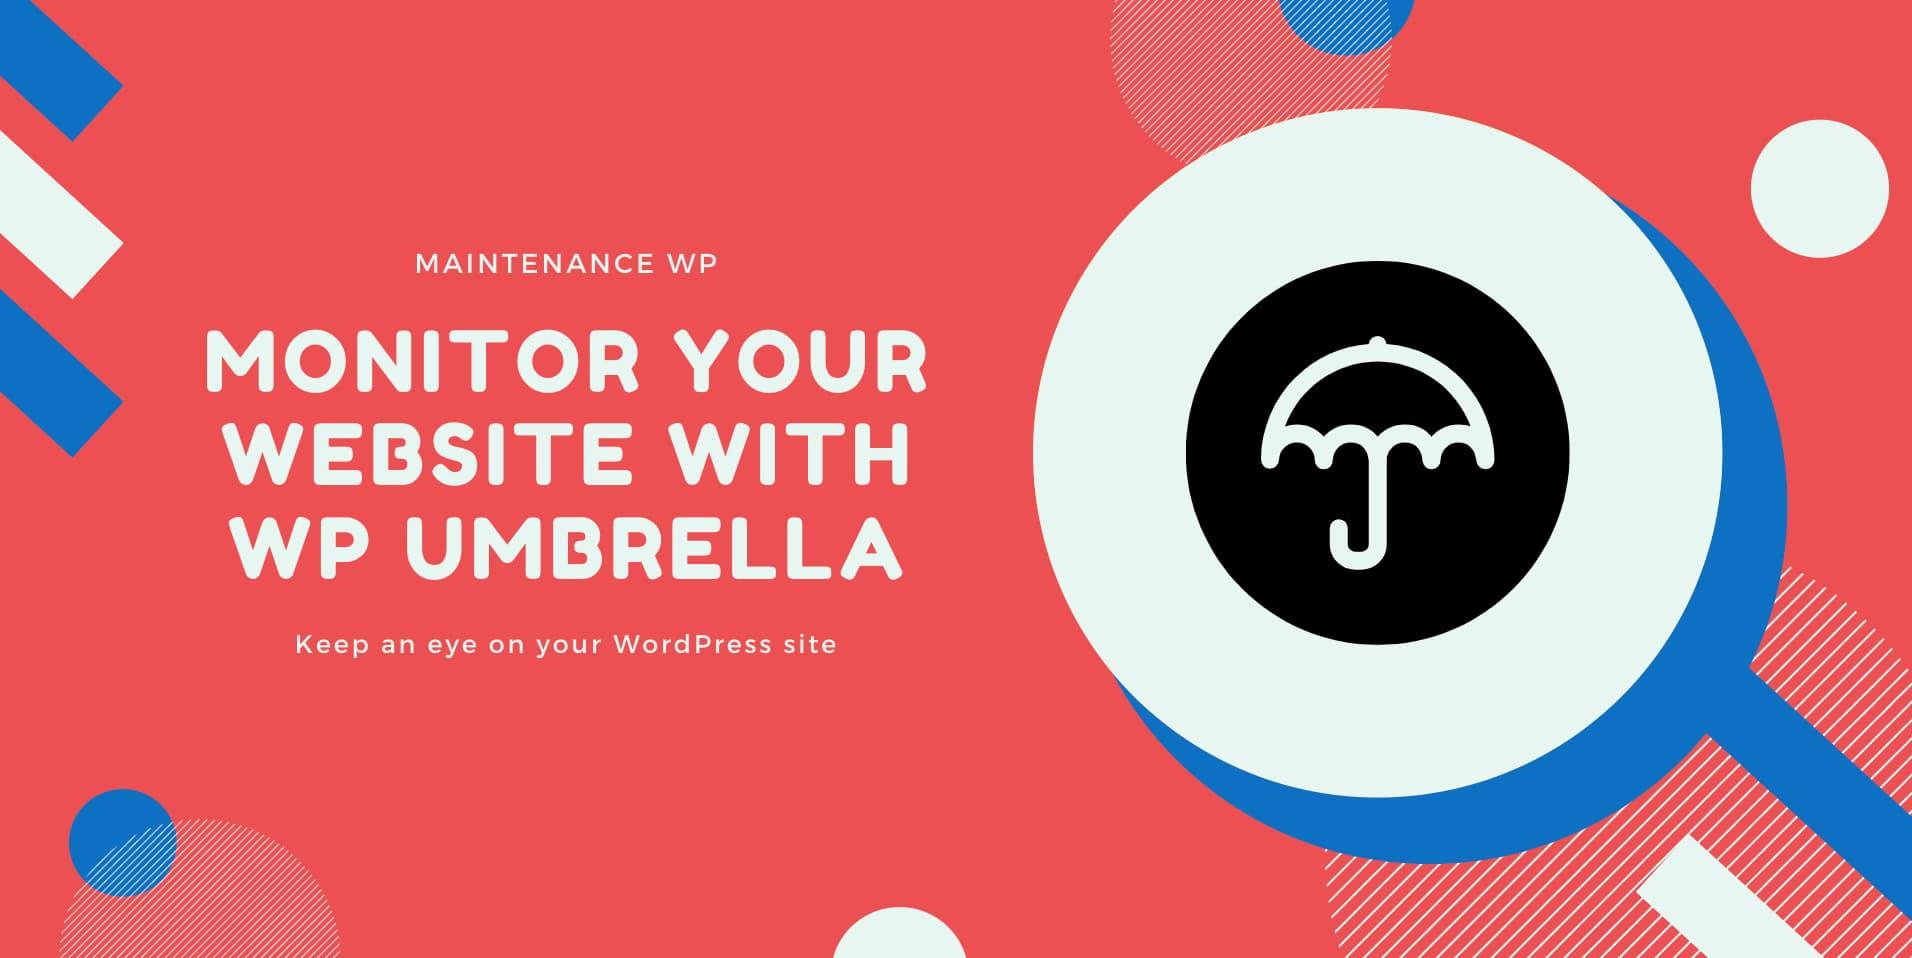 wp umbrella